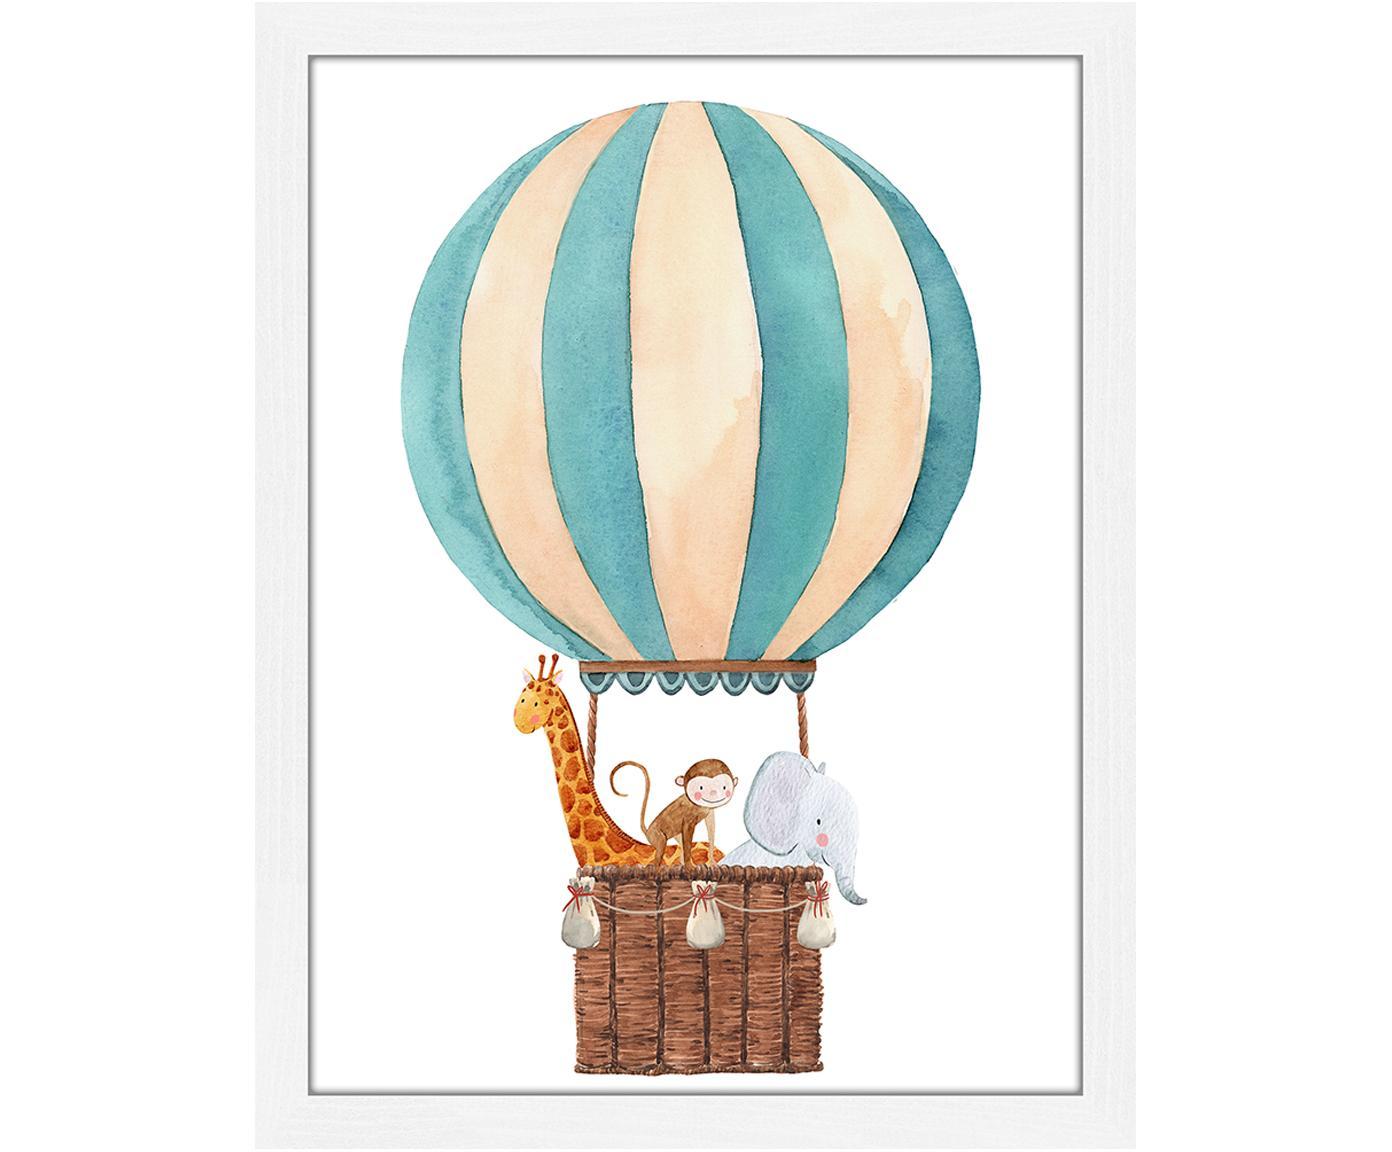 Gerahmter Digitaldruck Balloon with Animals, Bild: Digitaldruck auf Papier, , Rahmen: Holz, lackiert, Front: Plexiglas, Weiß, Mehrfarbig, 33 x 43 cm